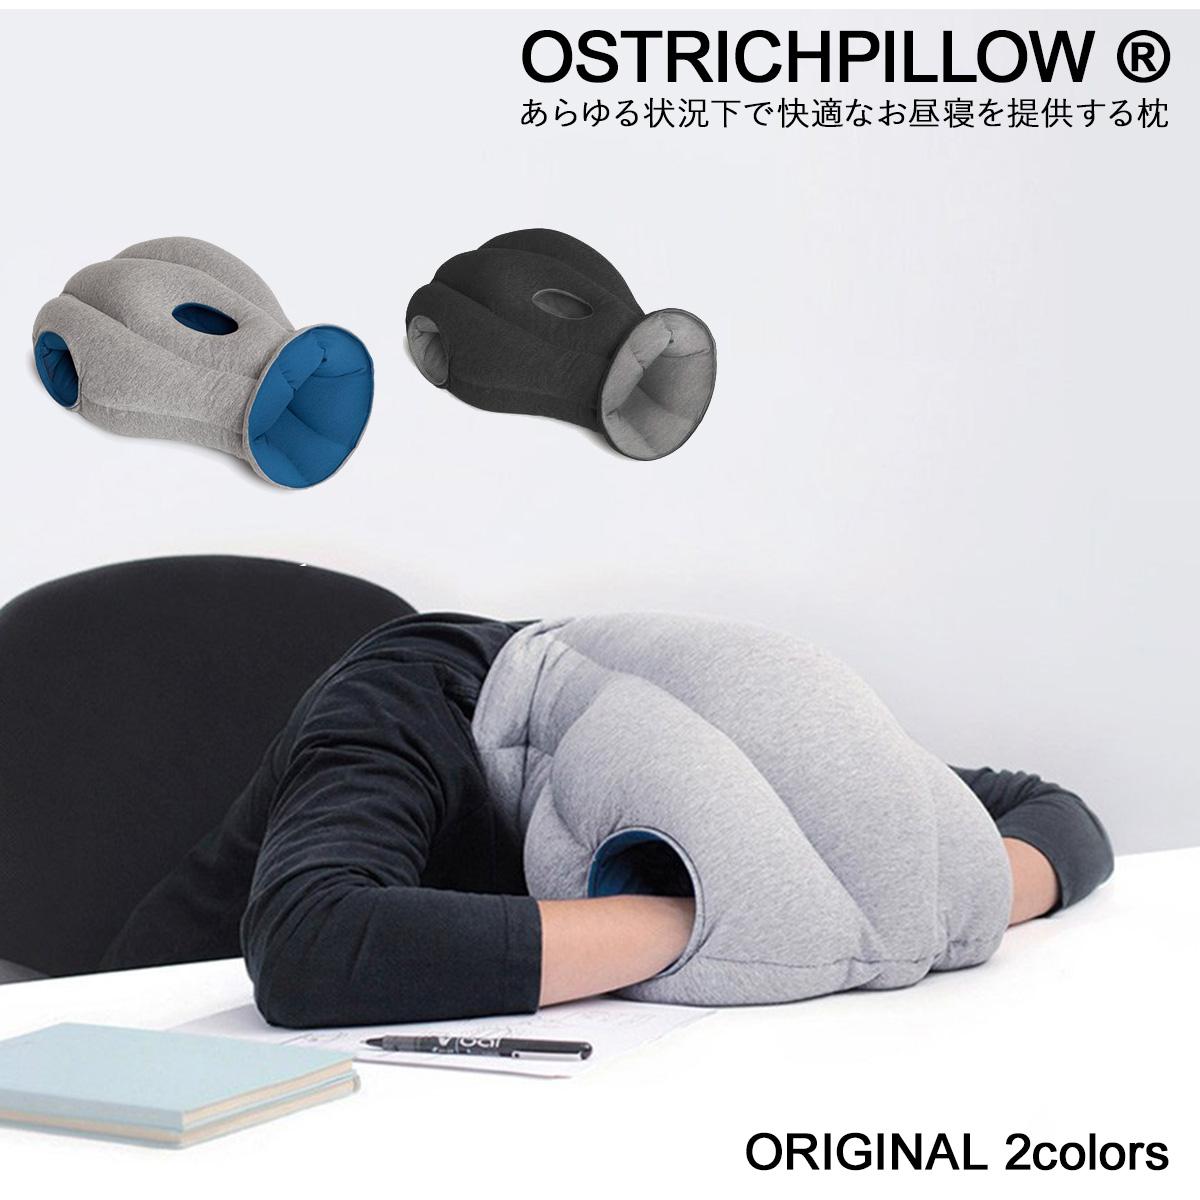 Whats Up Sports: OSTRICH PILLOW ORIGINAL Ostrich Pillow